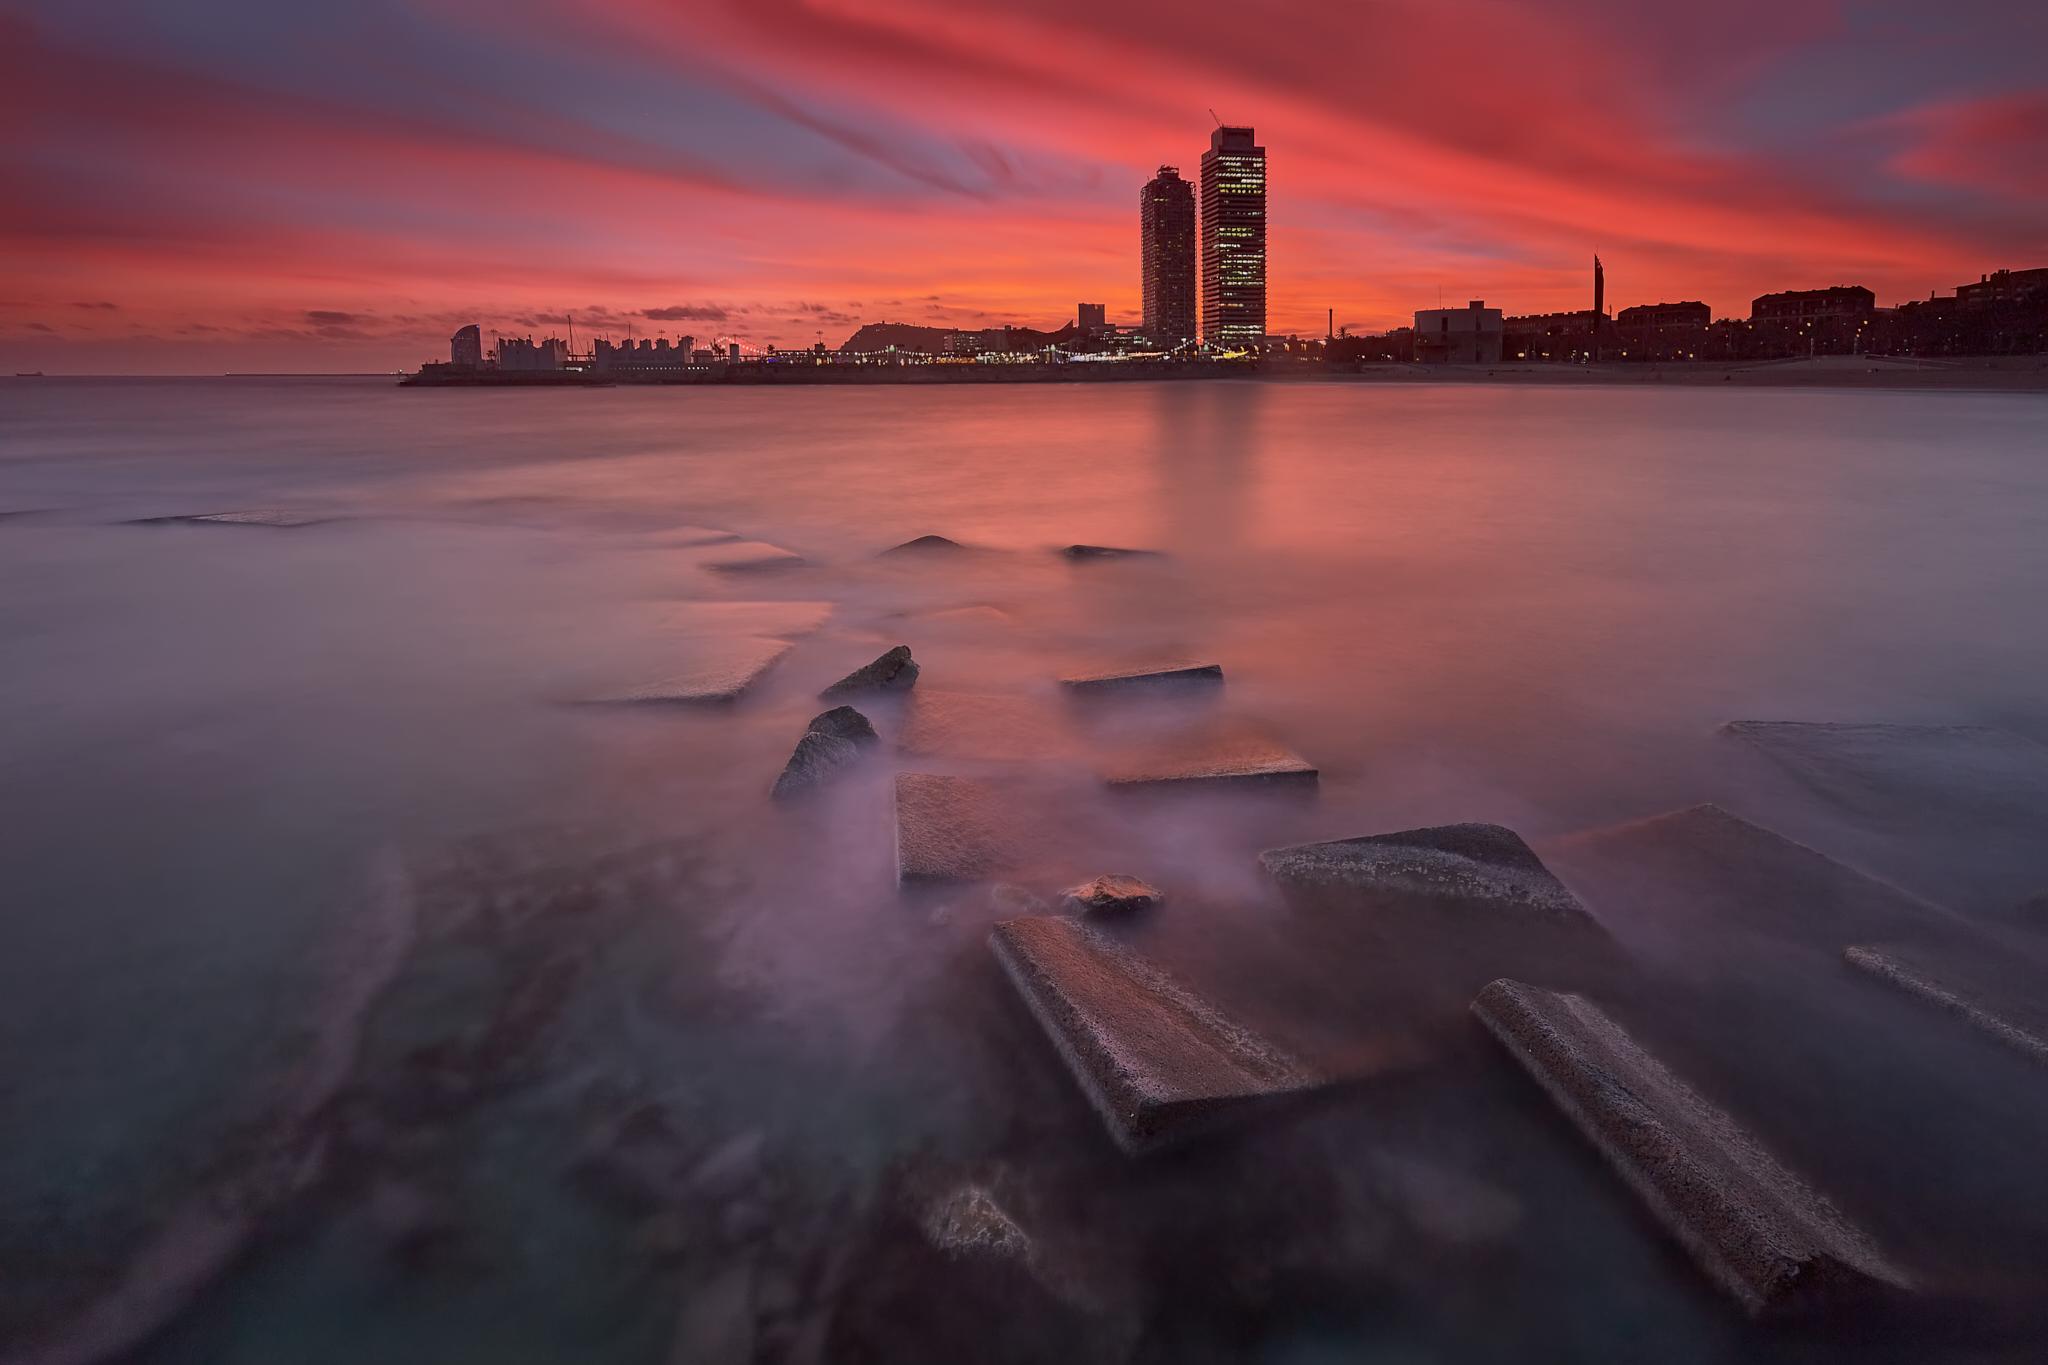 Fotografía de paisaje Barcelona, Barceloneta playa, Fotografía larga exposición hora azul amanecer, atardecer. Canon 6D, filtros Nisi, Trípode Rollei,Danilatorre,danilatorre, Dani Latorre, daniel Latorre,sunset